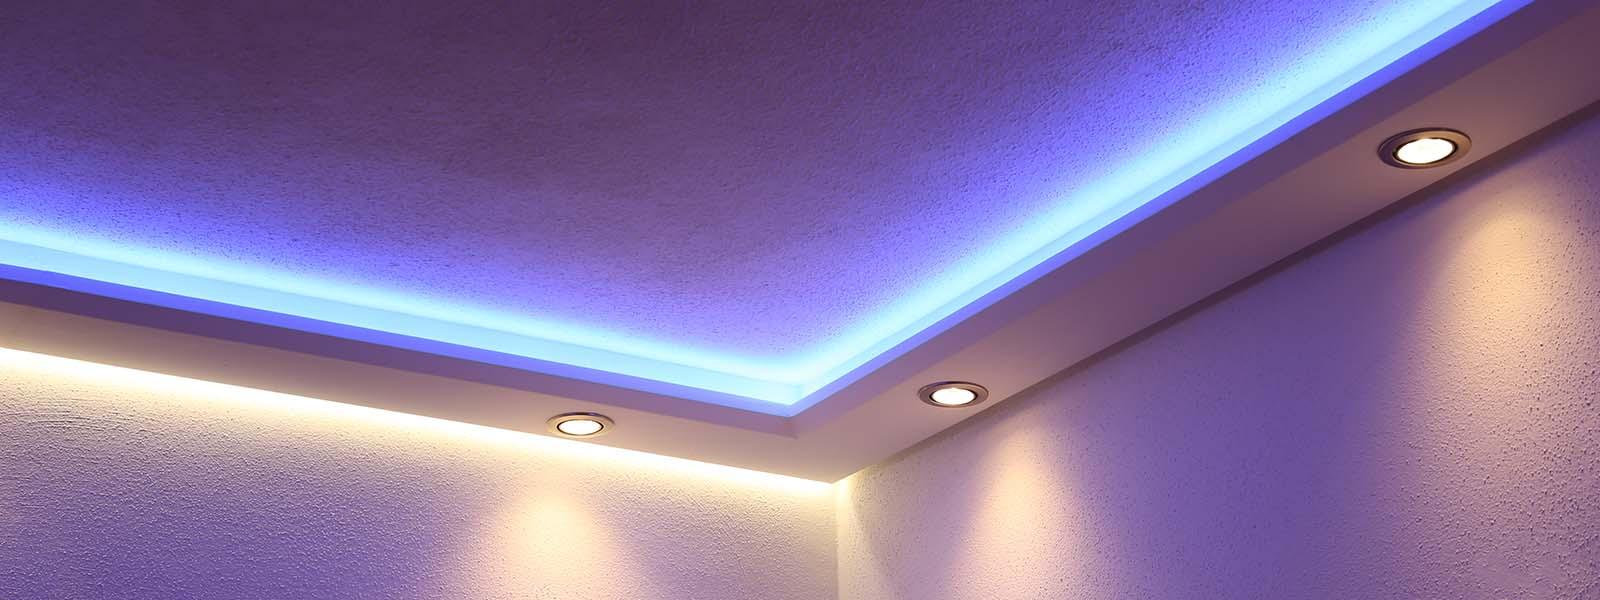 LED Beleuchtung entdecken – Stripes, Spots und Trafos online   BENDU